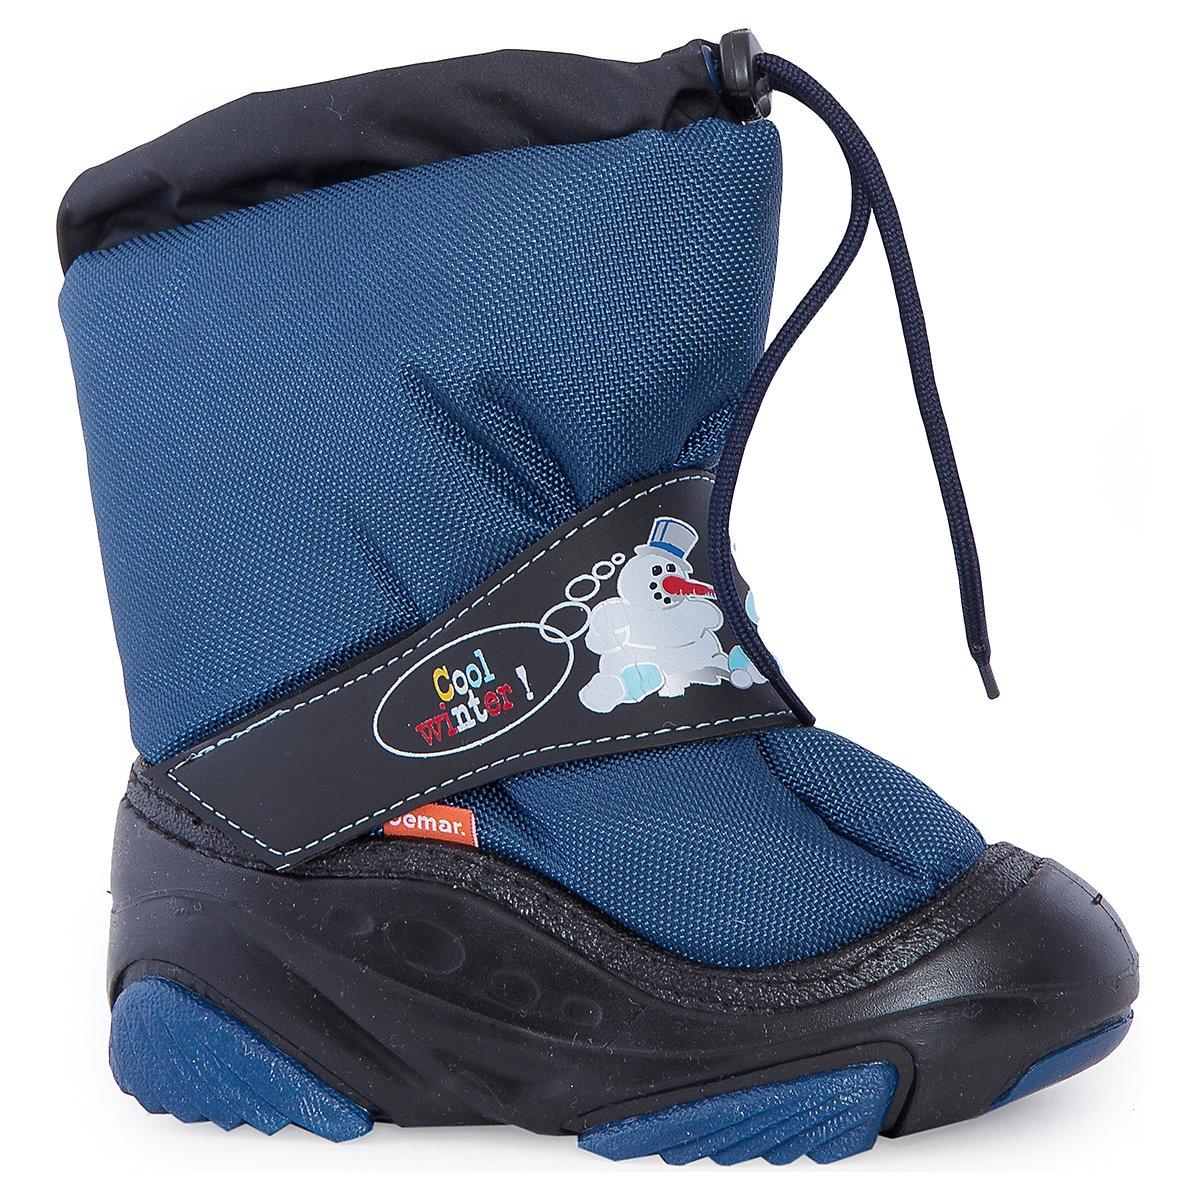 Botas Demar para niños 6835033 Valenki Uggi invierno Bebé niños zapatos MTpromo